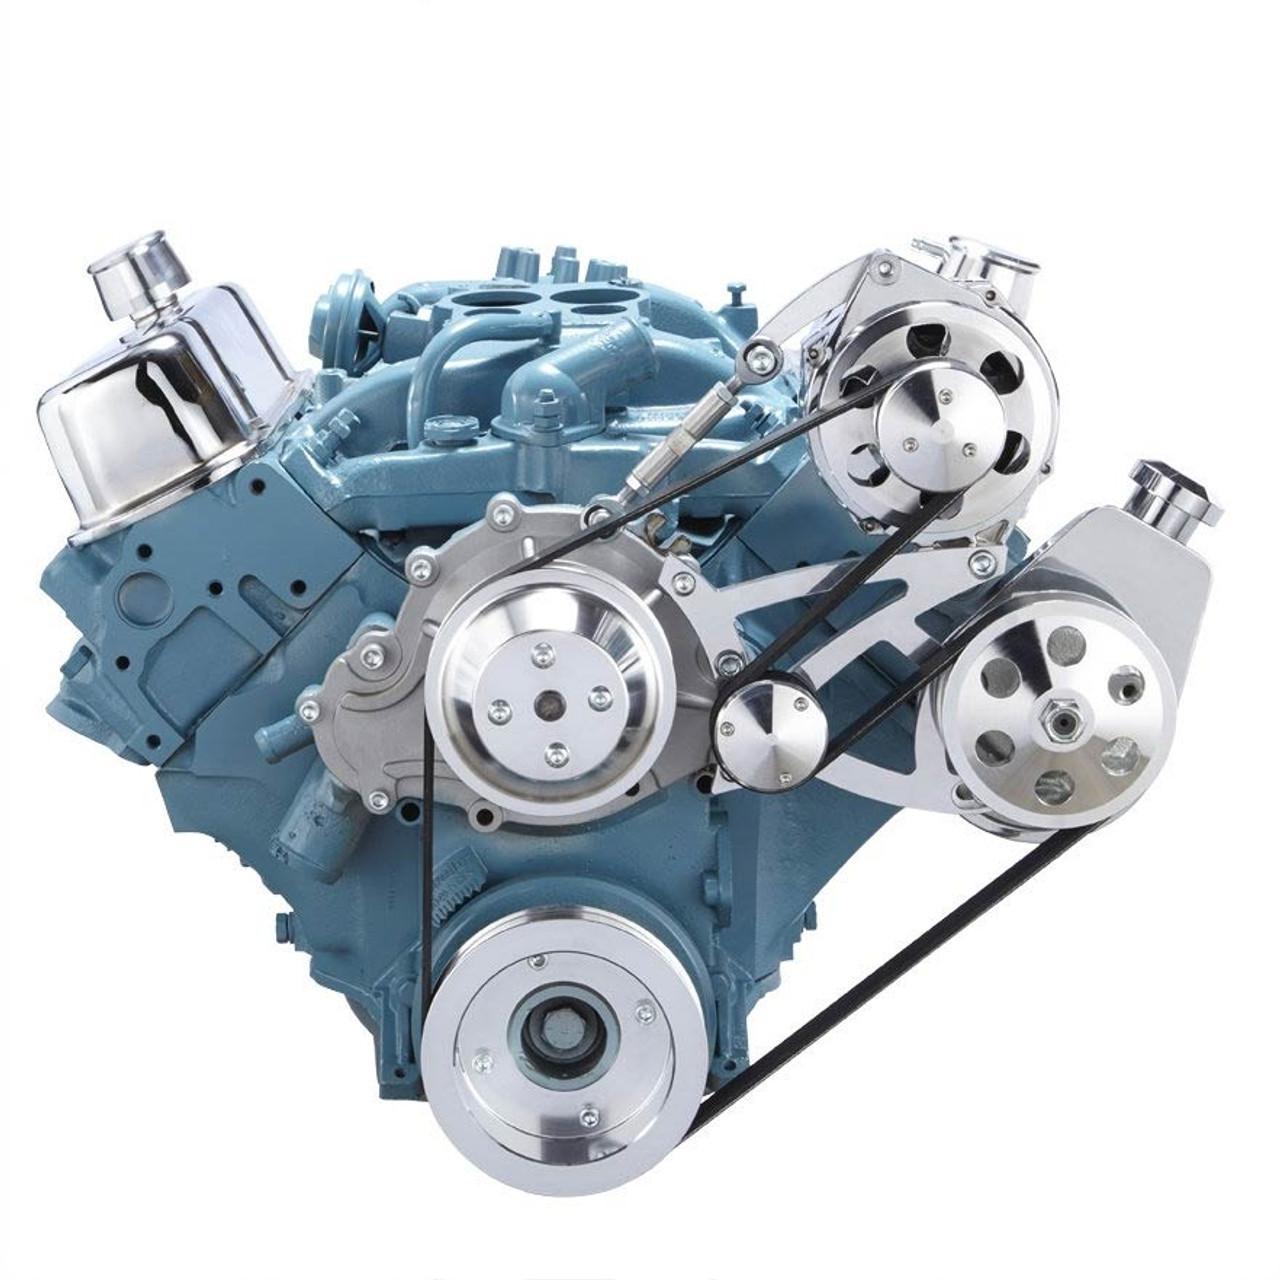 pontiac serpentine conversion kit 350 400 428 455 rh cvfracing com Serpentine Diagram for Pontiac Sunfire Pontiac 3400 Engine Diagram